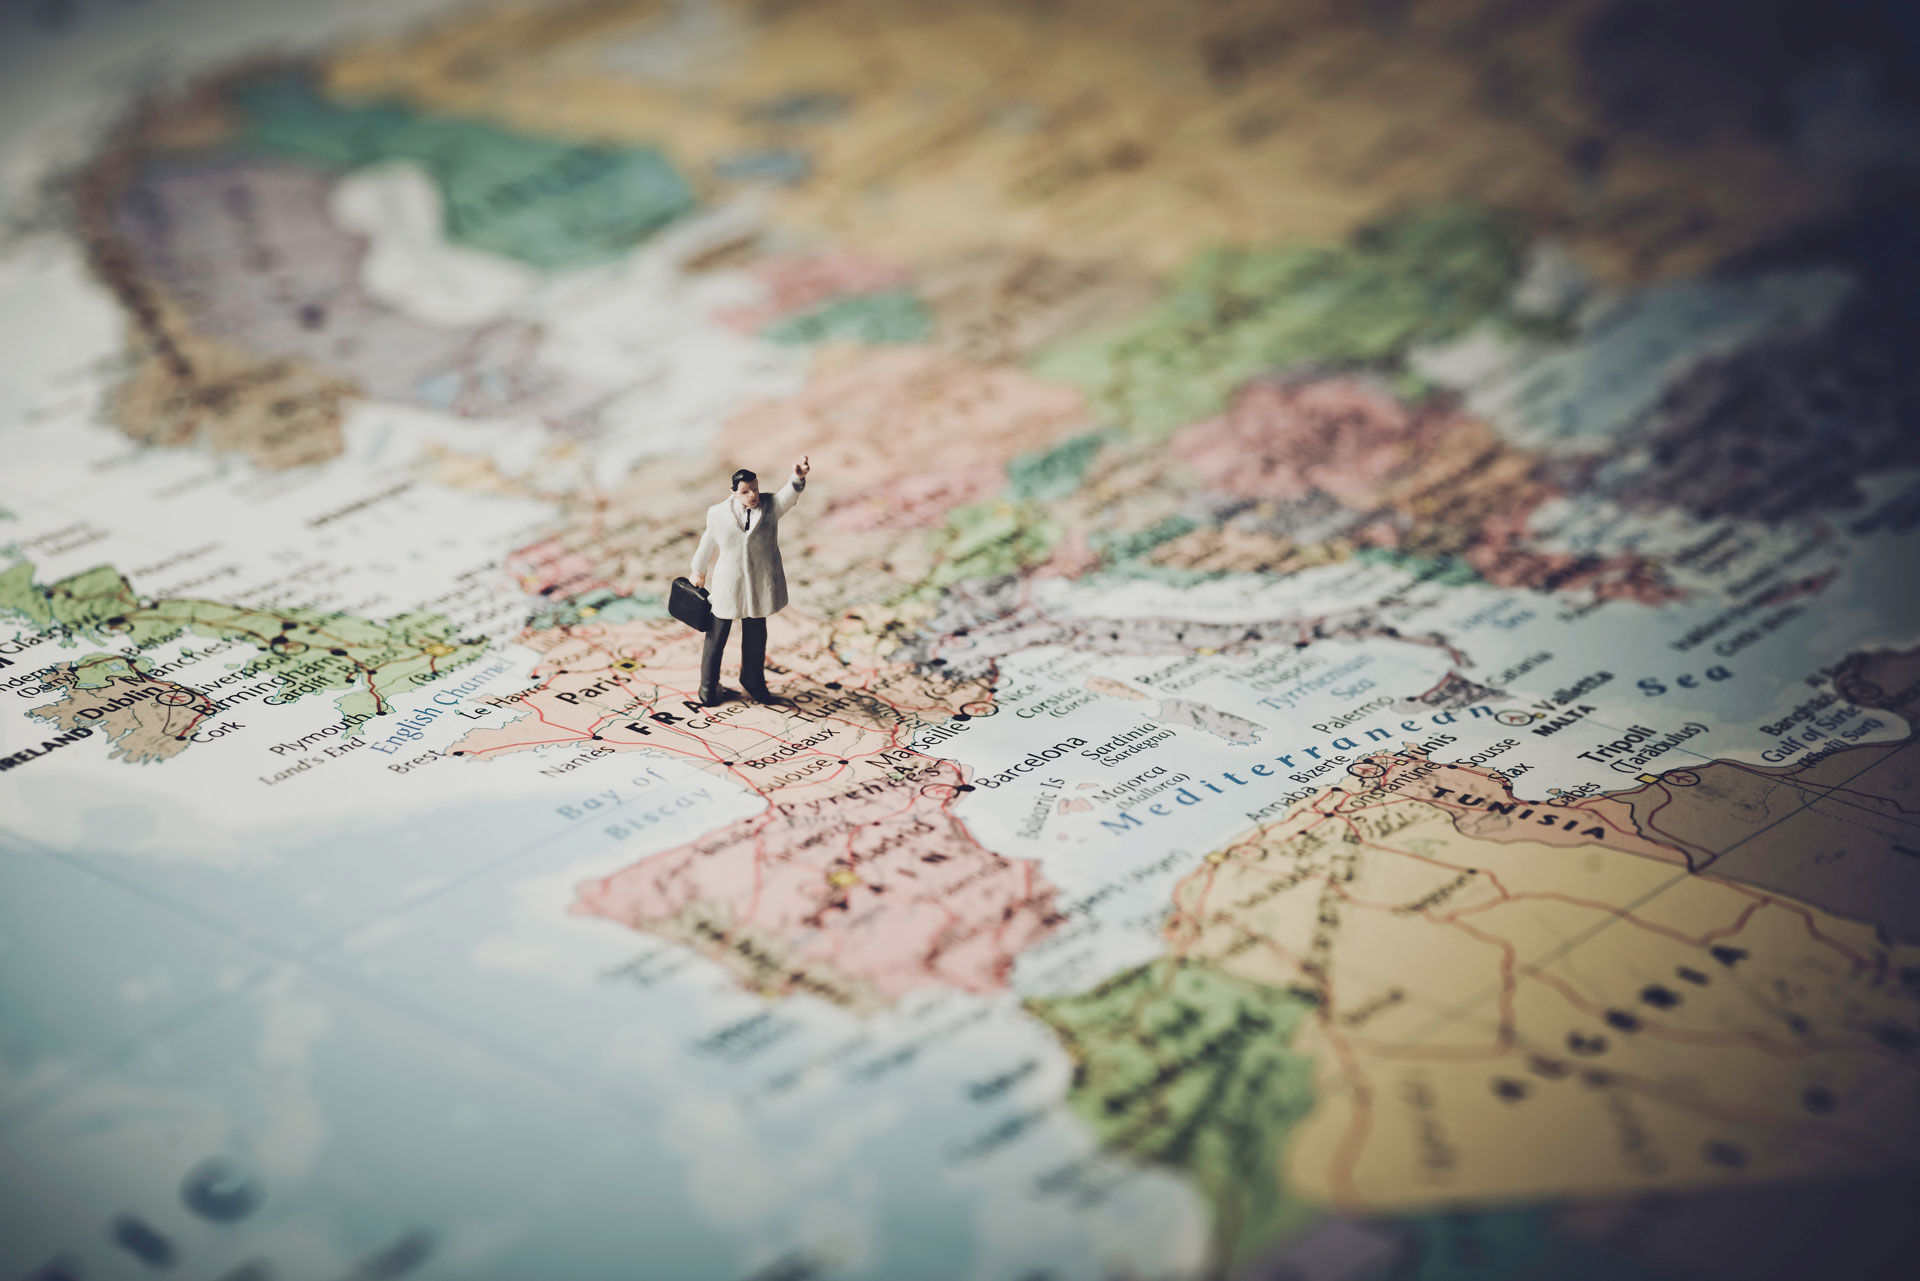 Muñeco parado en un mapa - CFGS Online Guía, Información y Asistencias Turísticas